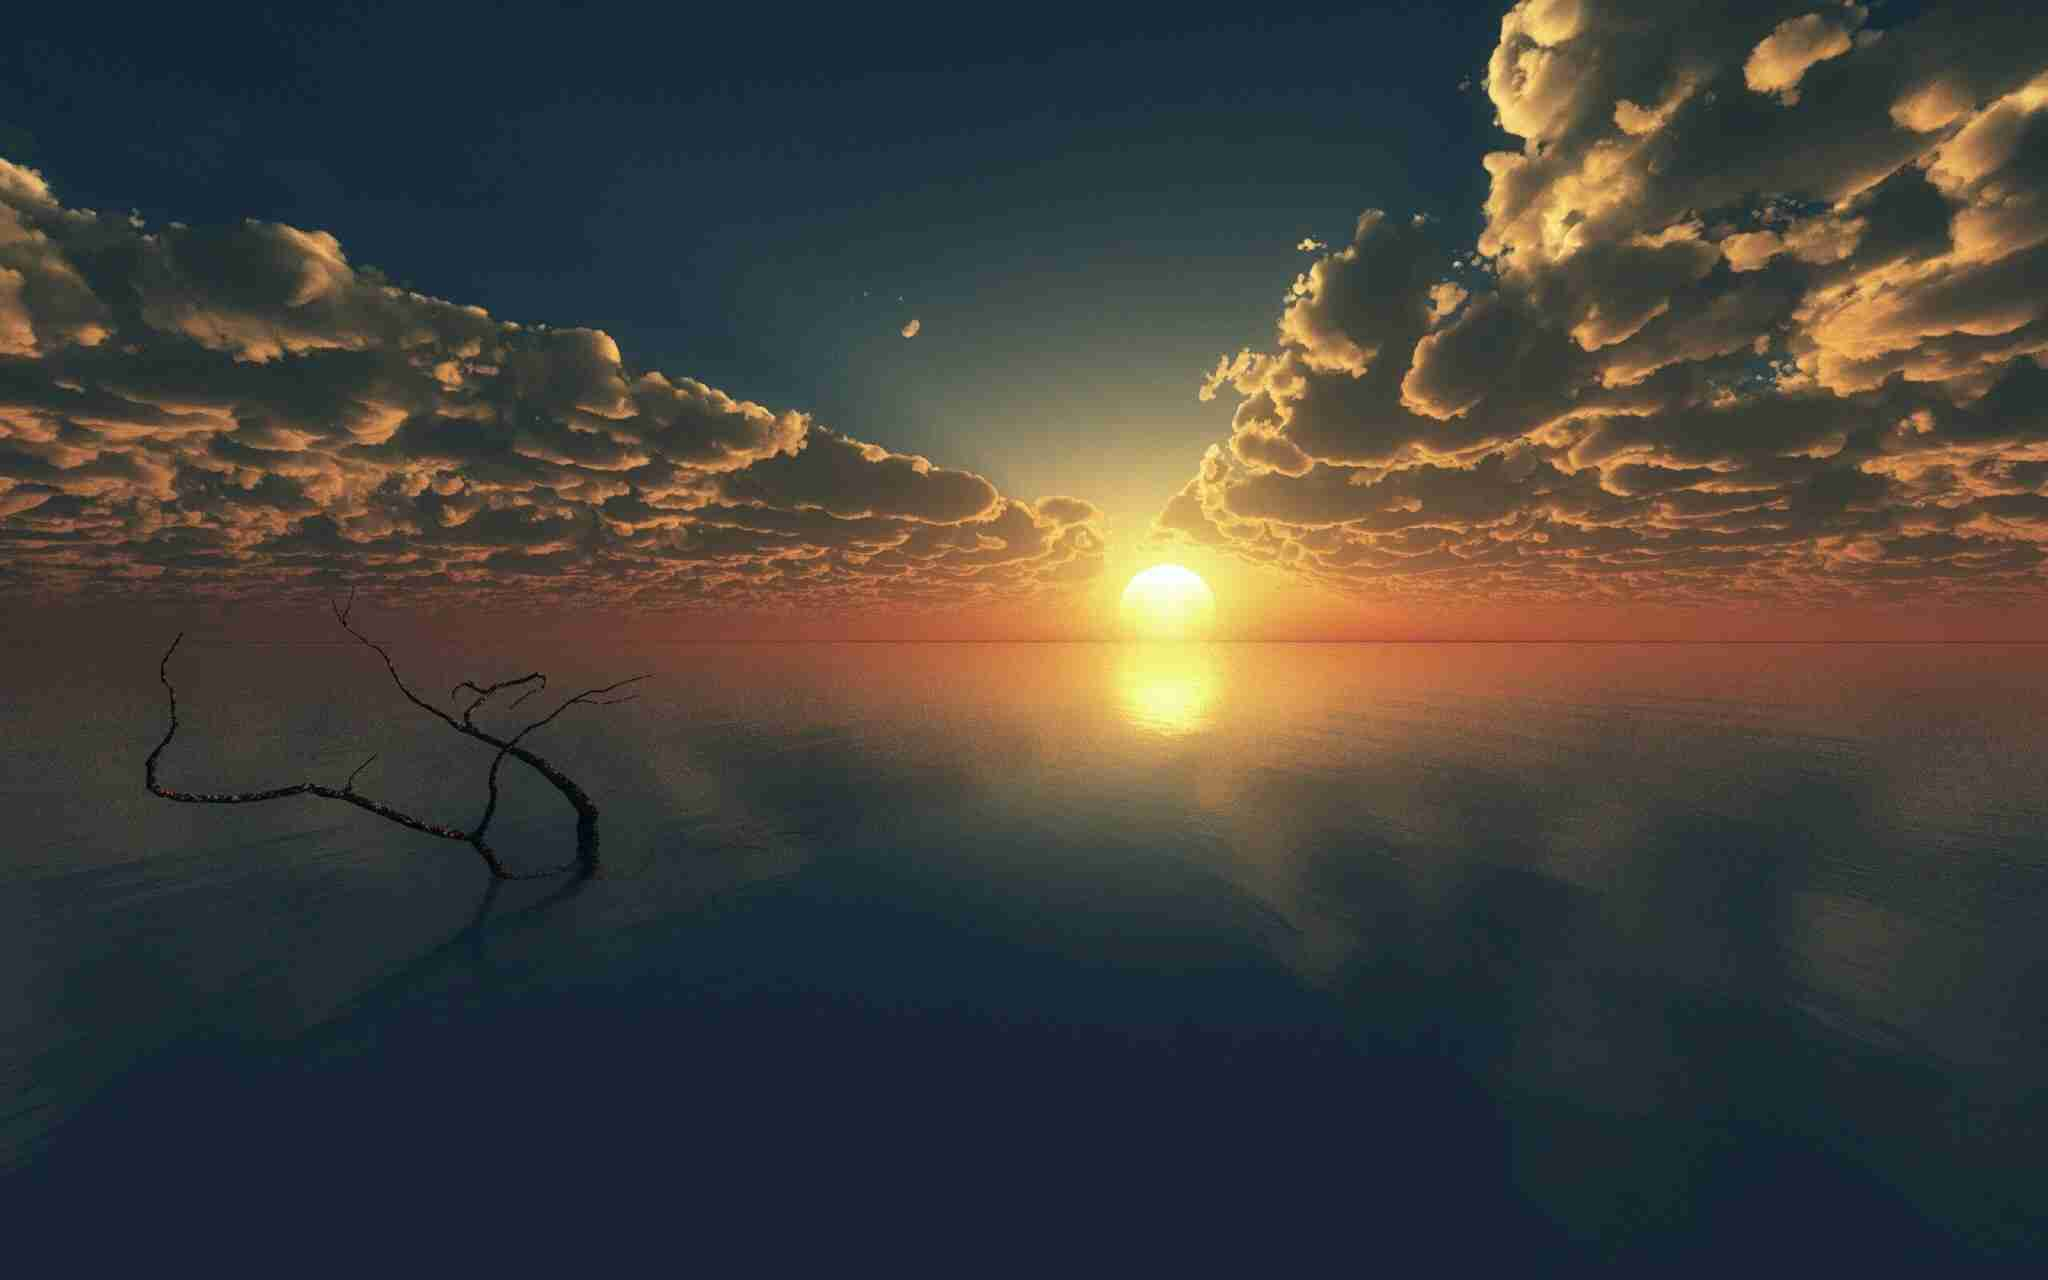 朝焼け、日の出の画像ください